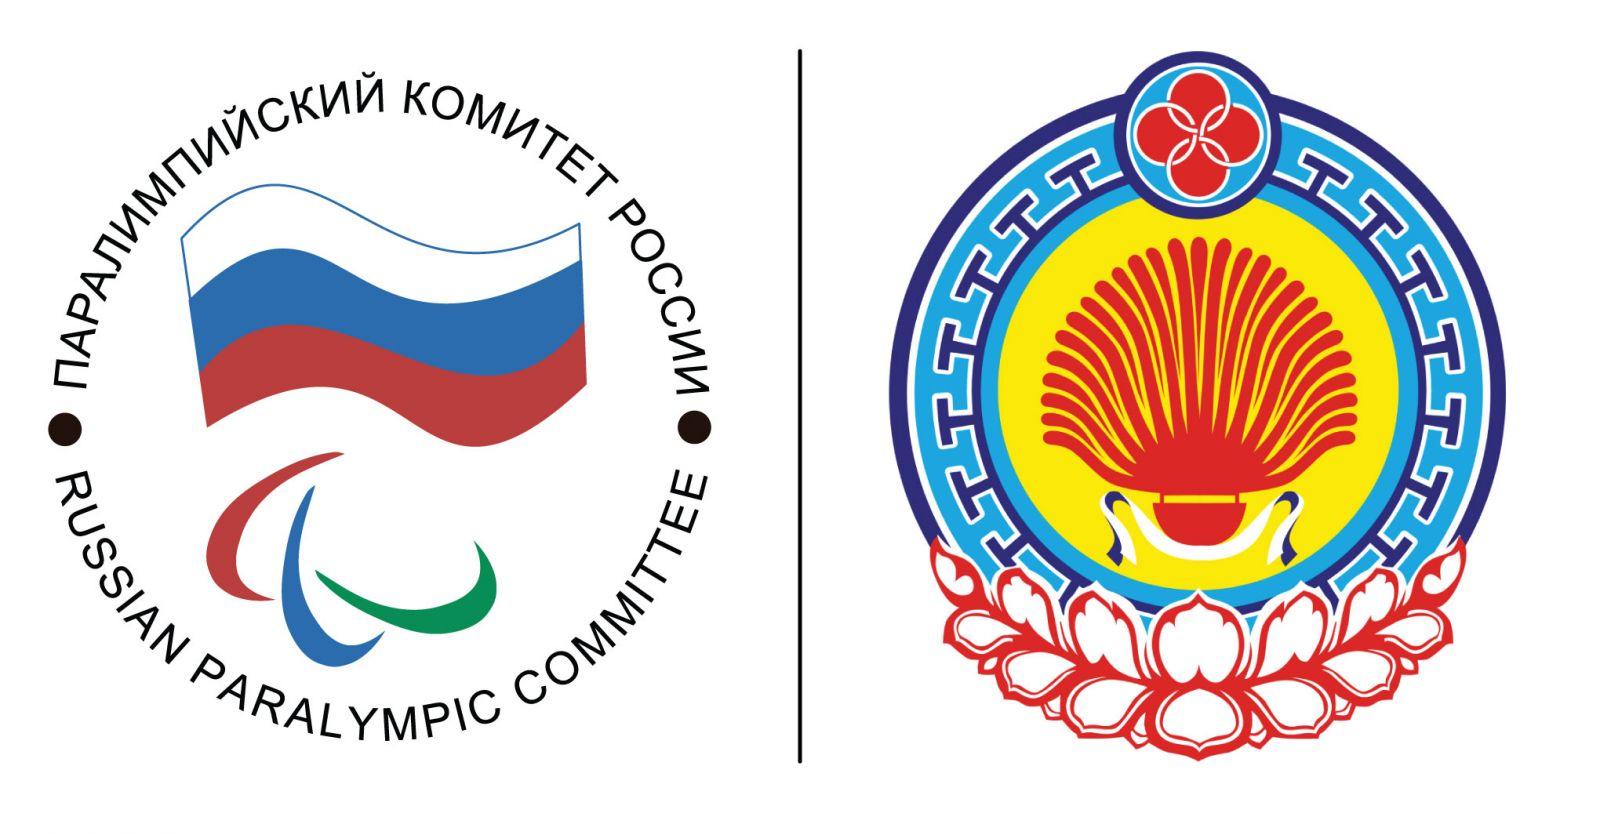 ПКР в Республике Калмыкия совместно с Региональным отделением ПКР и РУСАДА при поддержке ВРИО Главы Республики Б.Хасикова проведут мероприятия, направленные на развитие и популяризацию паралимпийского спорта в регионе